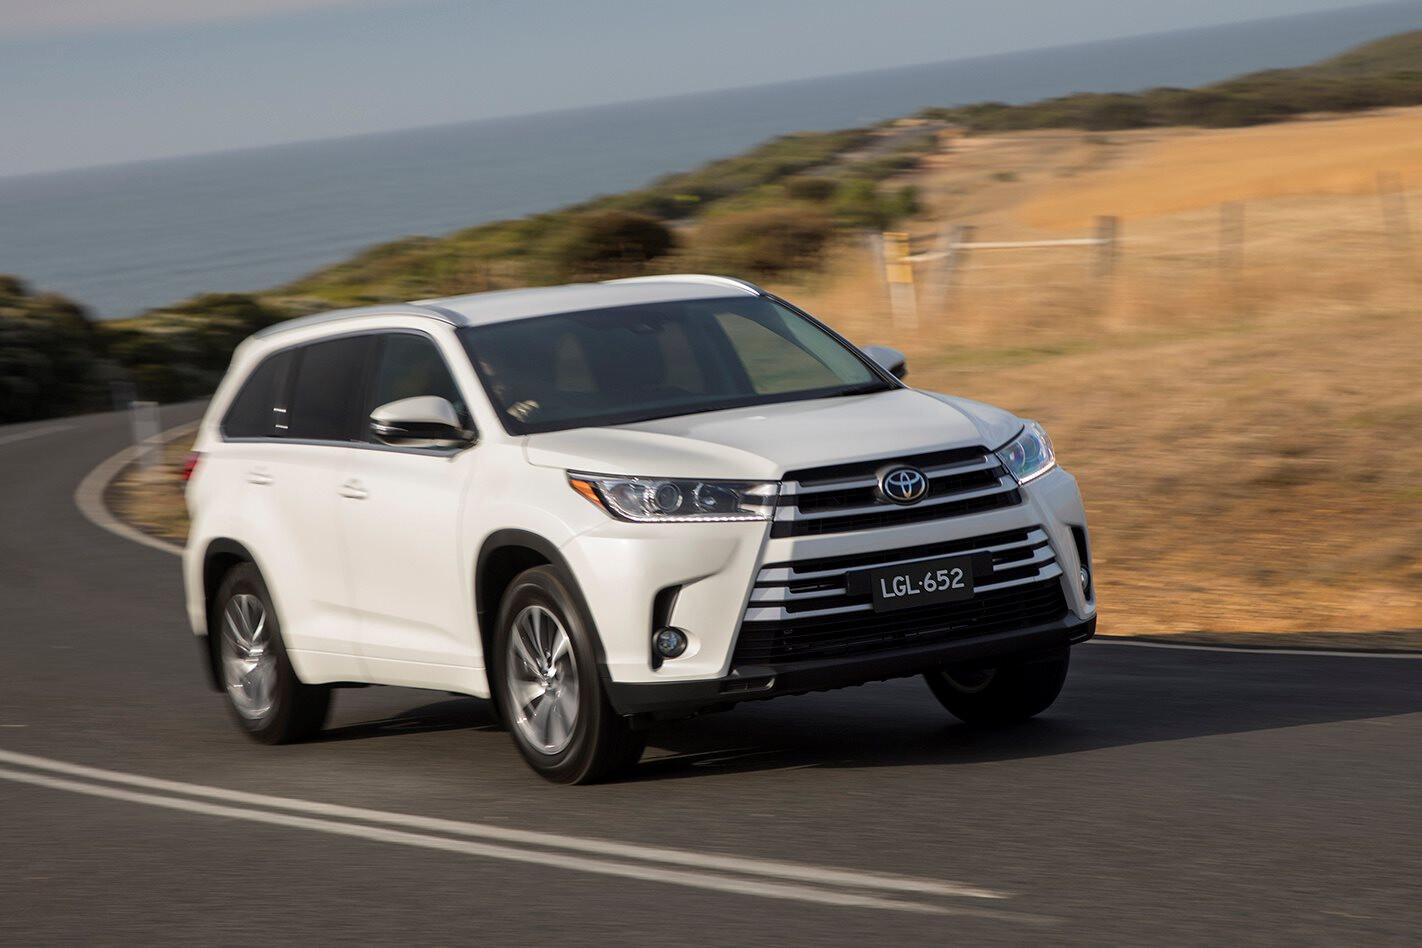 Toyota Kluger GXL